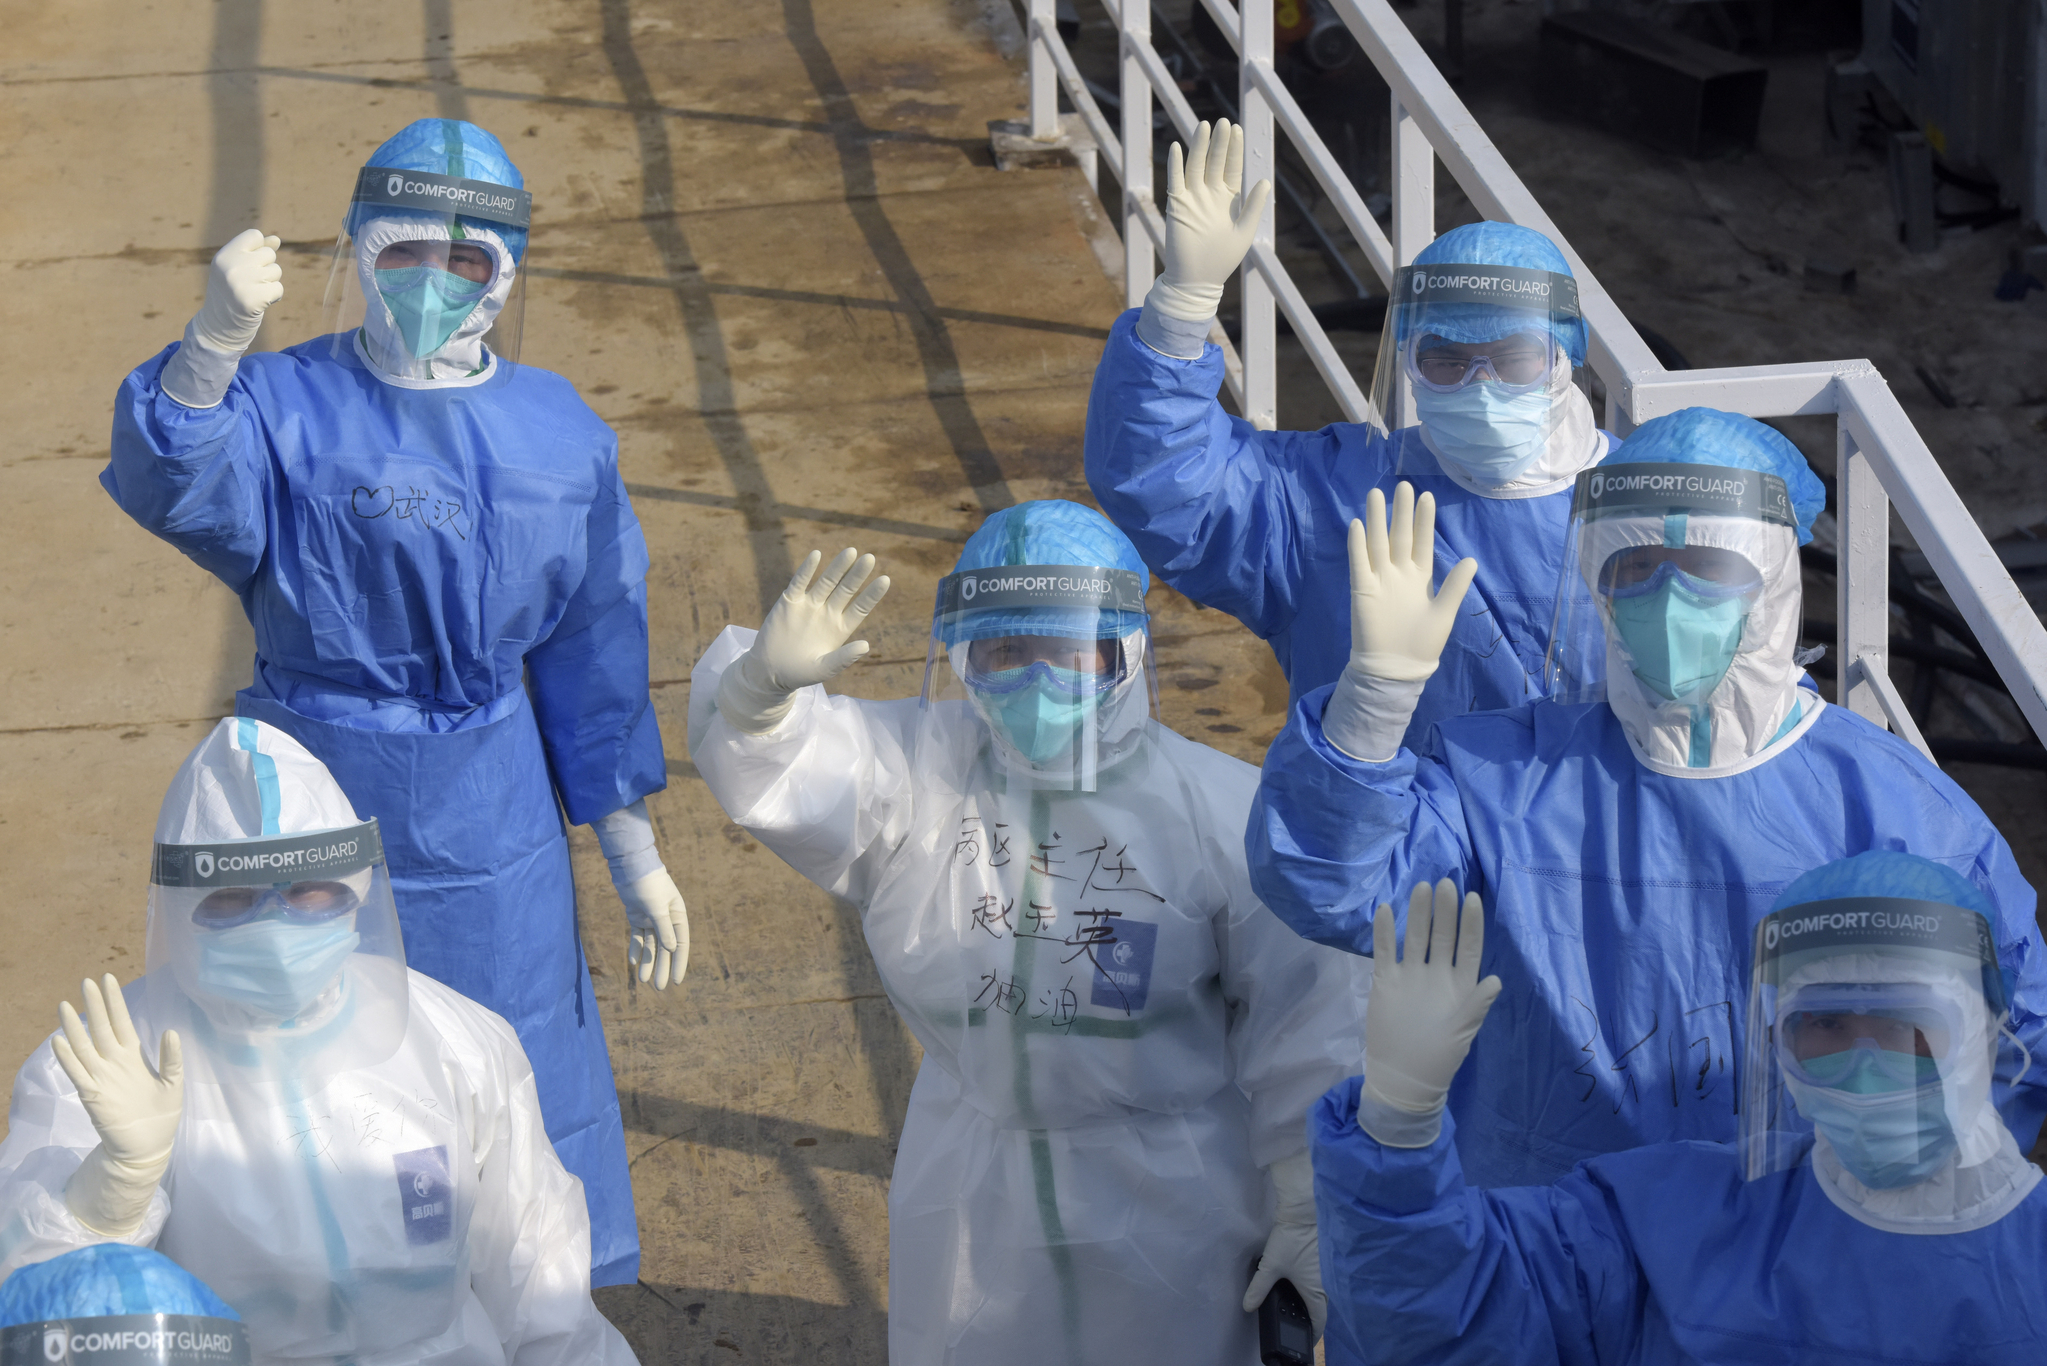 중국 우한에서 신종 코로나바이러스 감염증과 분투를 벌이고 있는 의료진이 카메라를 향해 손을 흔들고 있다. [신화통신=연합뉴스]